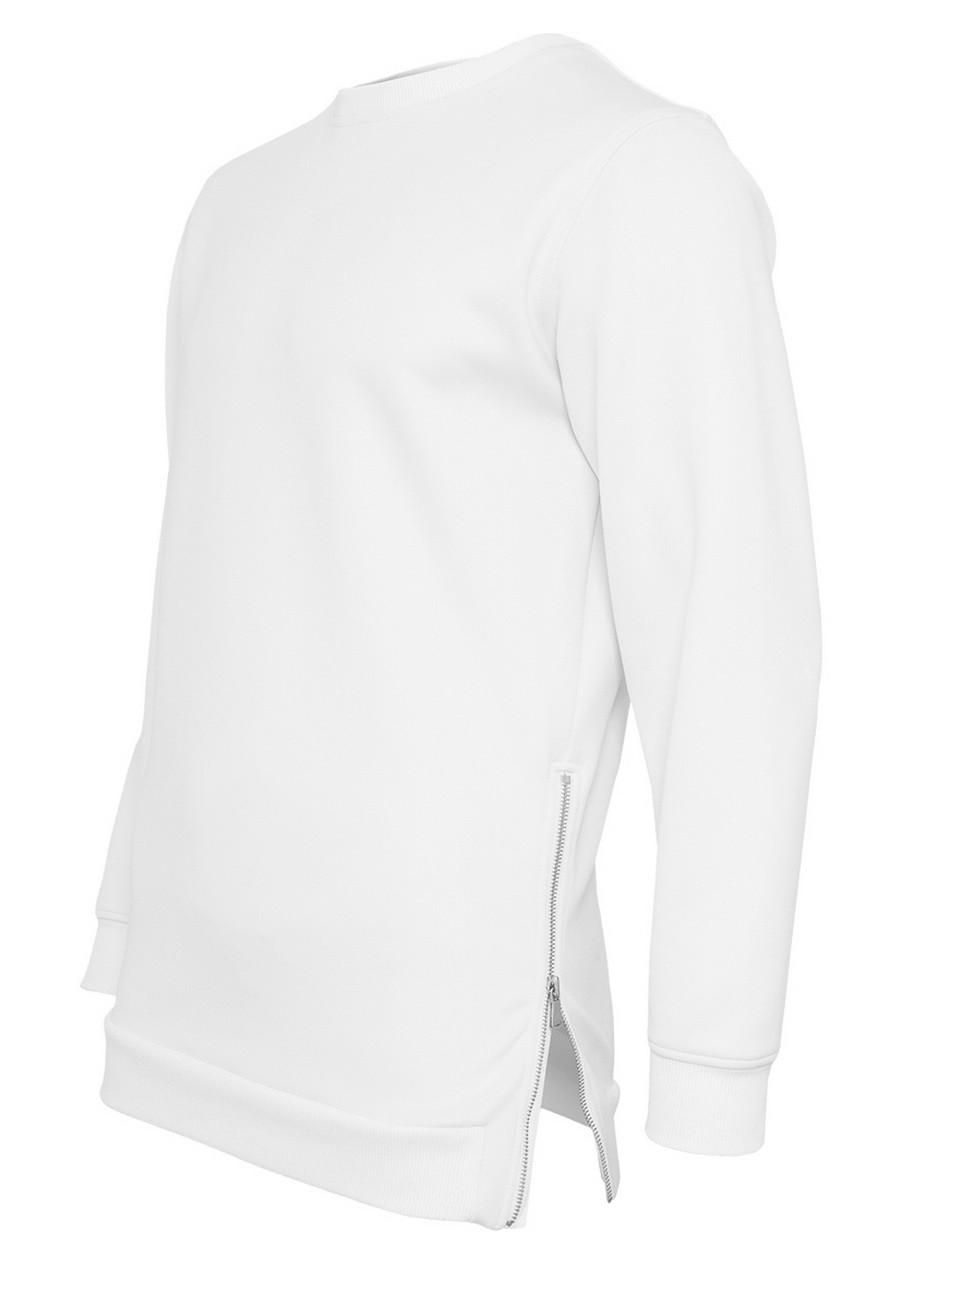 Urban Classics Herren Sweater Side-Zip Neopren Crew